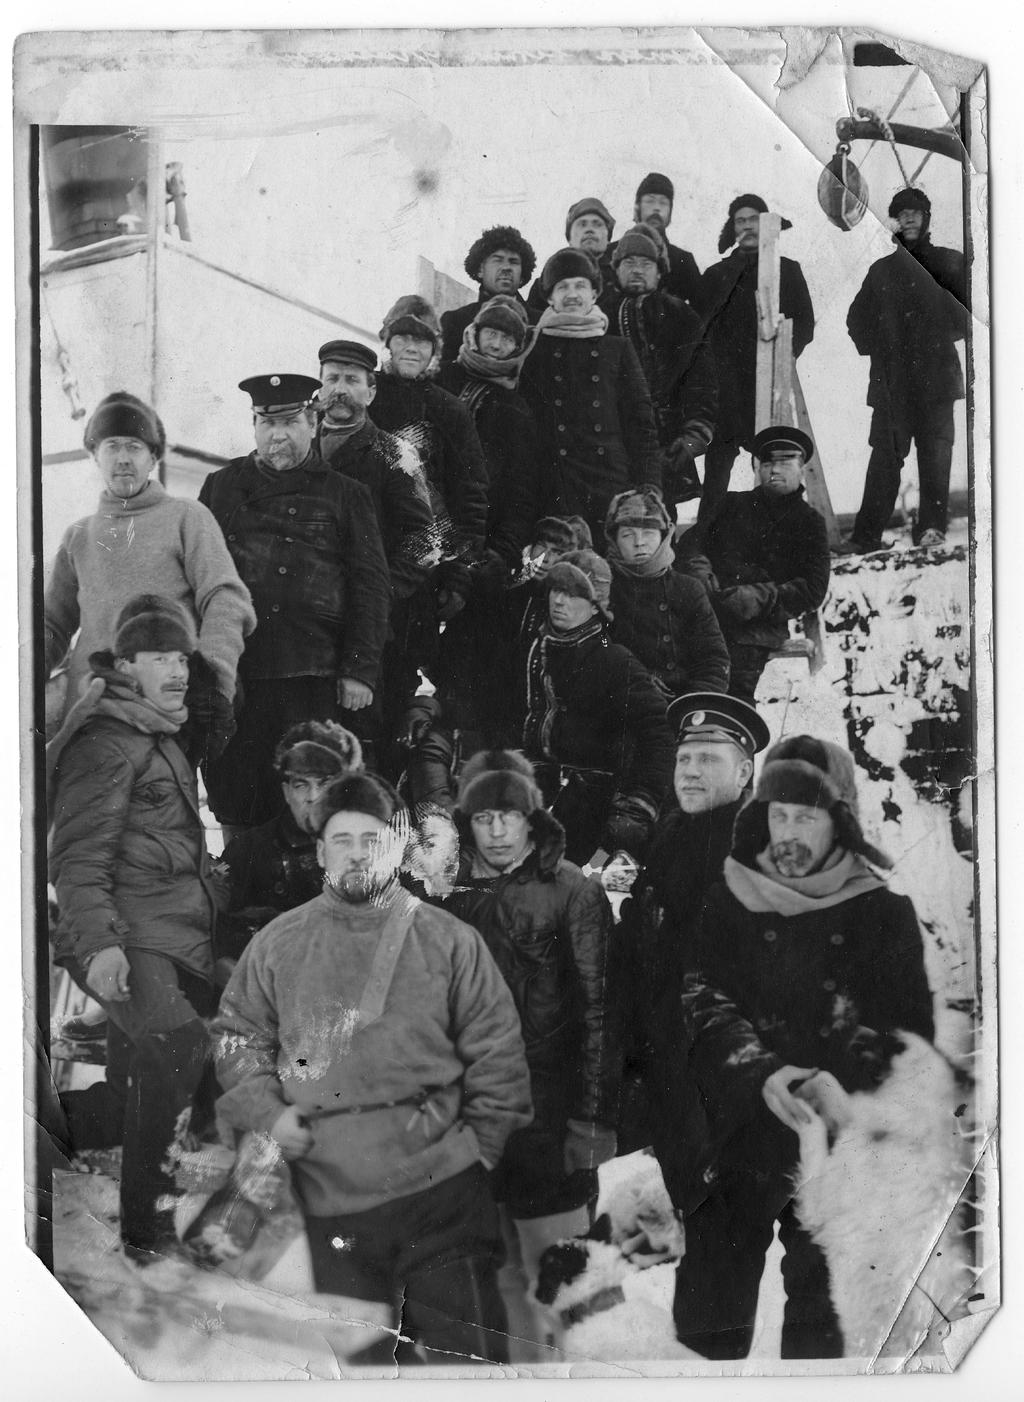 Участники экспедиции к Северному полюсу во время первой зимовки